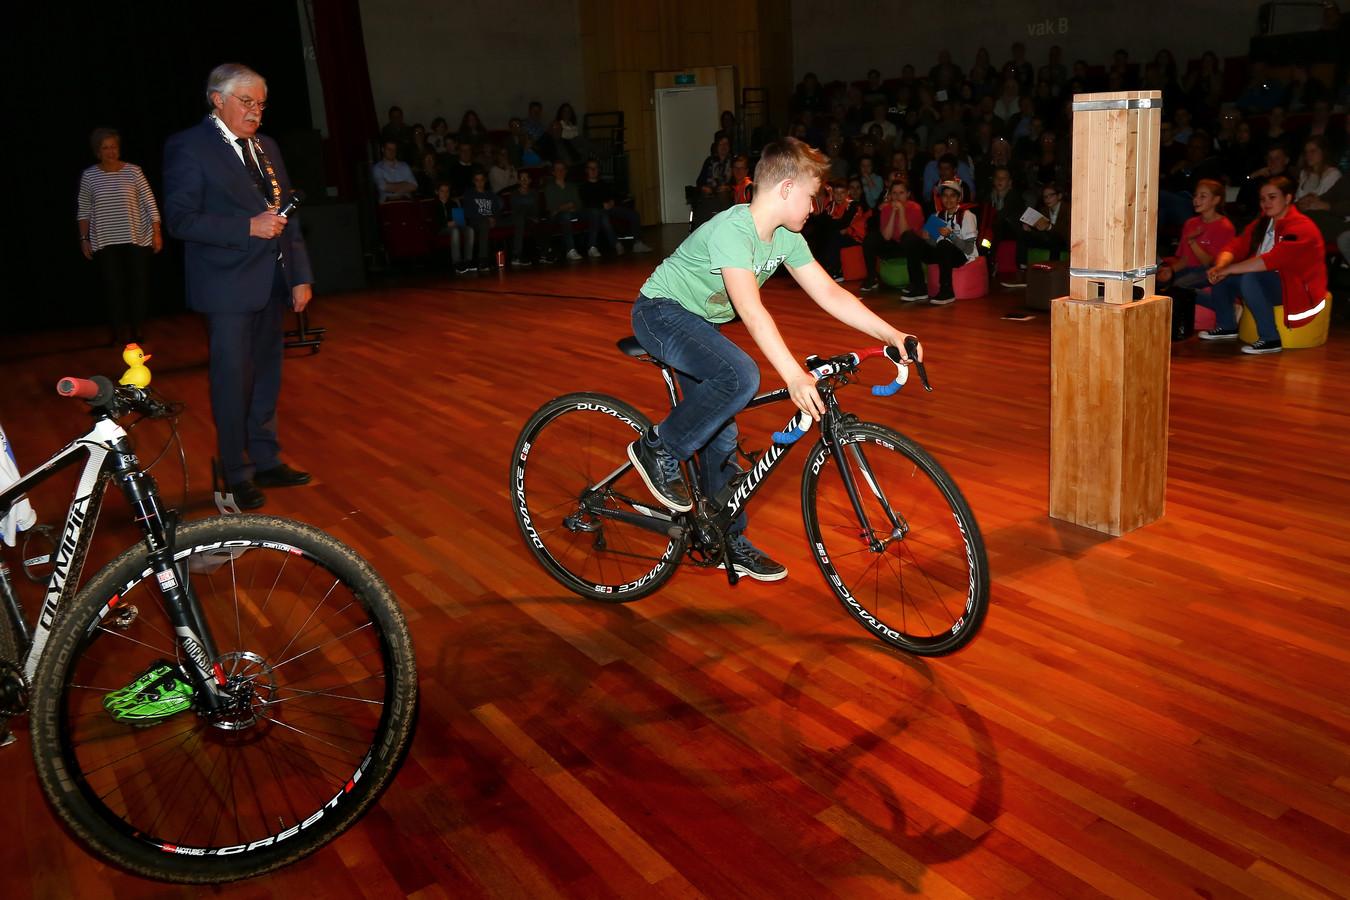 Een impressie van een eerdere Pluimuitreiking met toen nog burgemeester Cees van der Knaap. Hij kijkt naar de kunsten van wielerkampioen Victor.